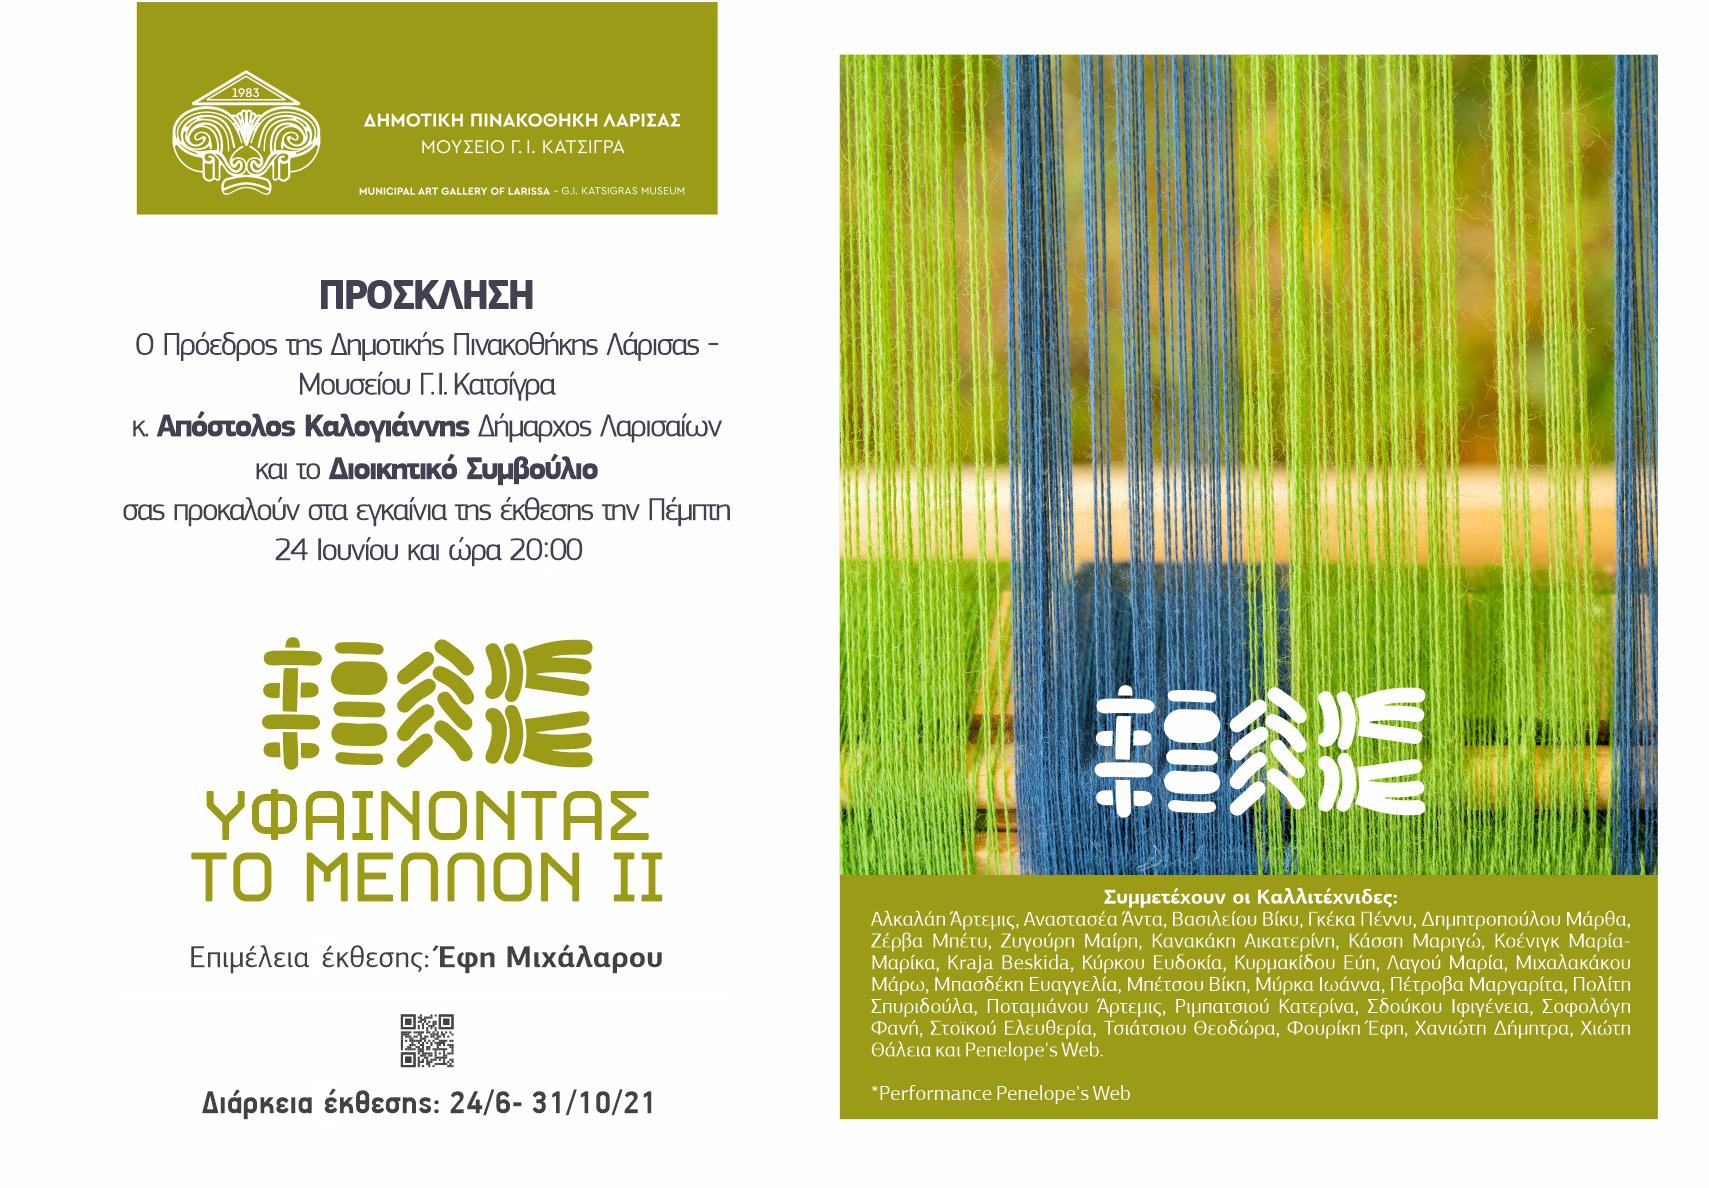 Εγκαίνια της έκθεσης ''Υφαίνοντας το Μέλλον Μέρος ΙΙ'' στην Δημοτική Πινακοθήκη Λάρισας